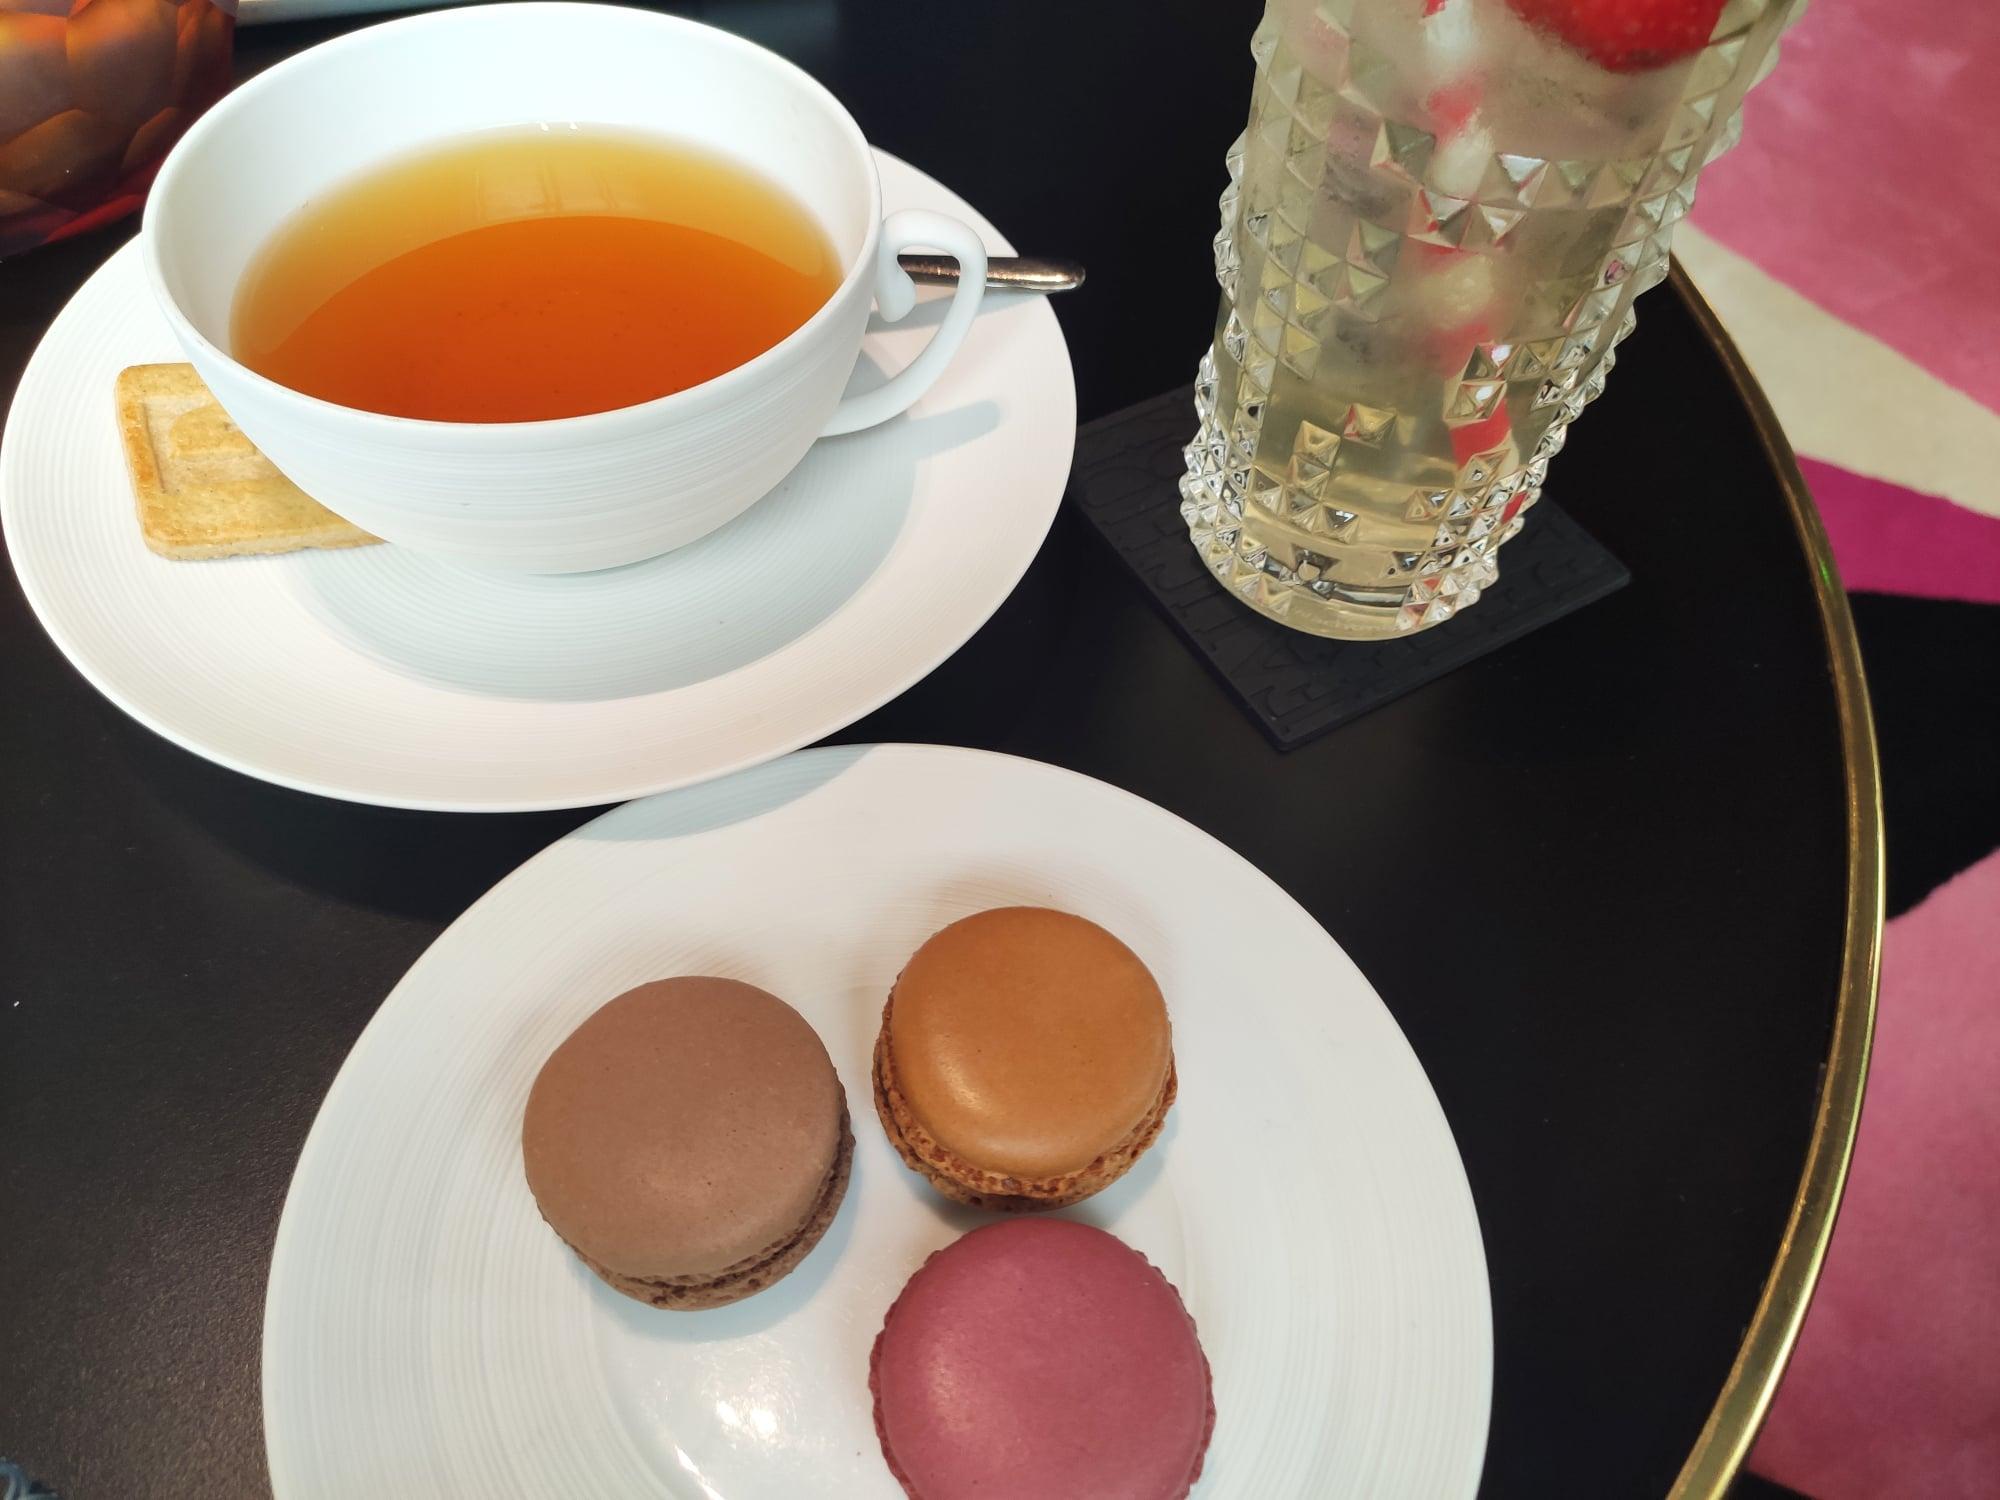 Macarons et mocktail au thé - Hôtel Fauchon